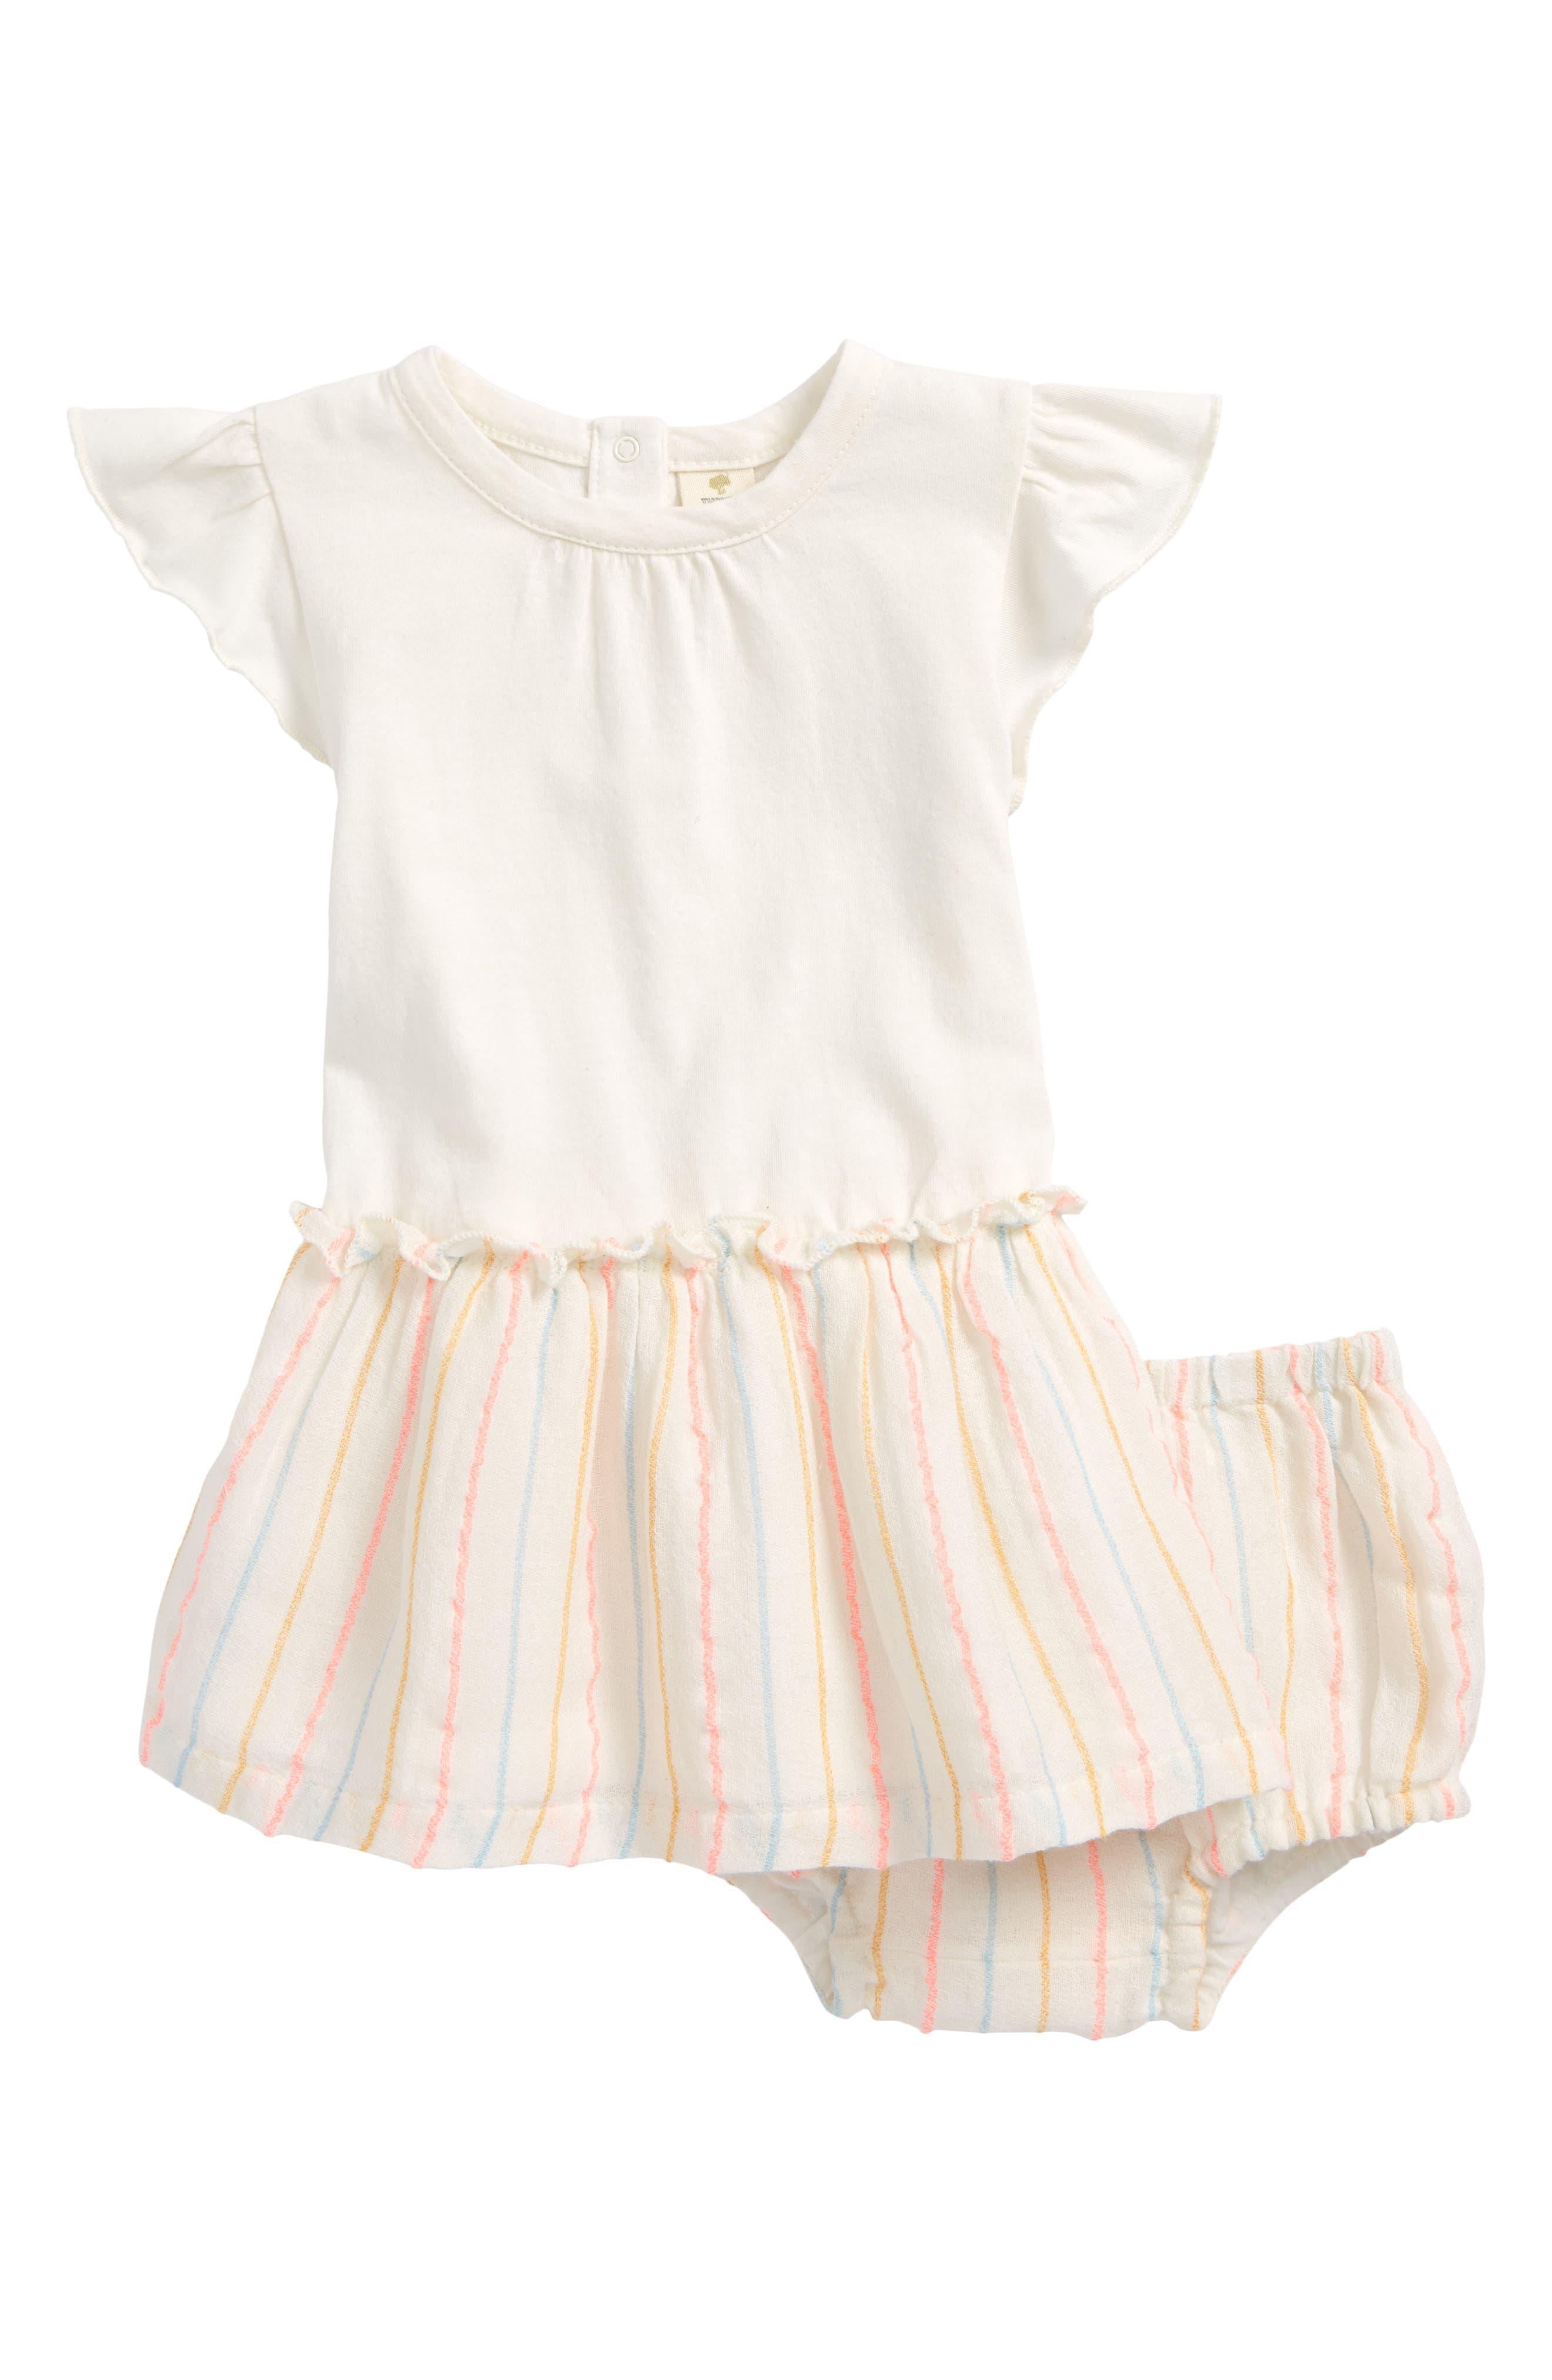 Flutter Sleeve Dress,                             Main thumbnail 1, color,                             Ivory Egret Multi Stripe